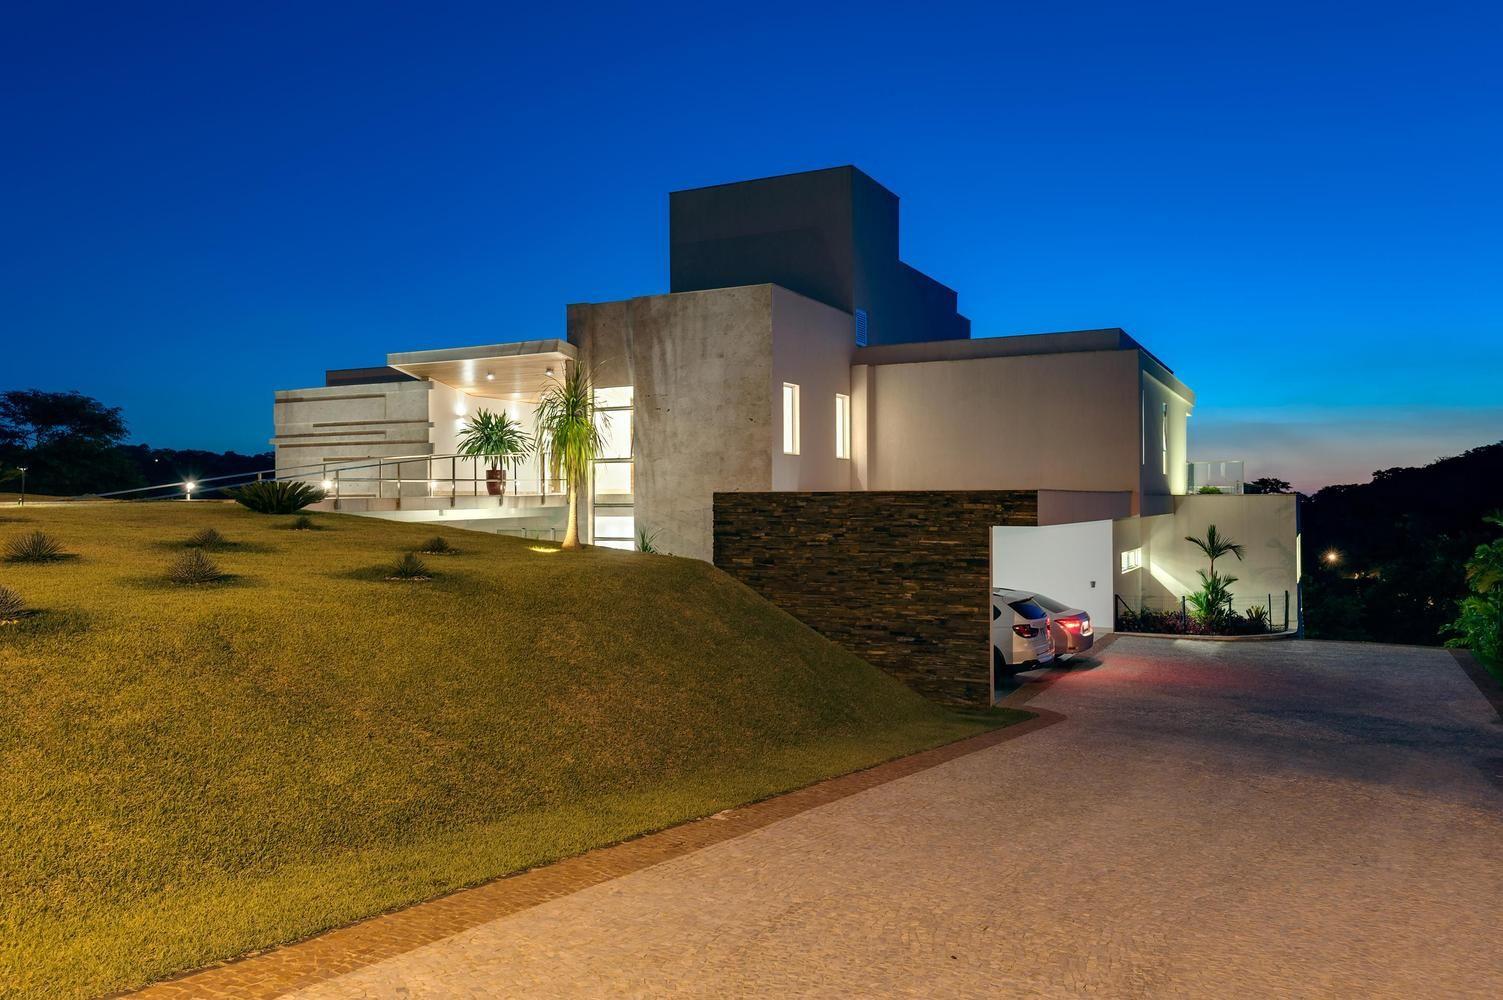 Galeria de Casa da Colina da Aldeia / Dayala e Rafael Estúdio de Arquitetura - 5